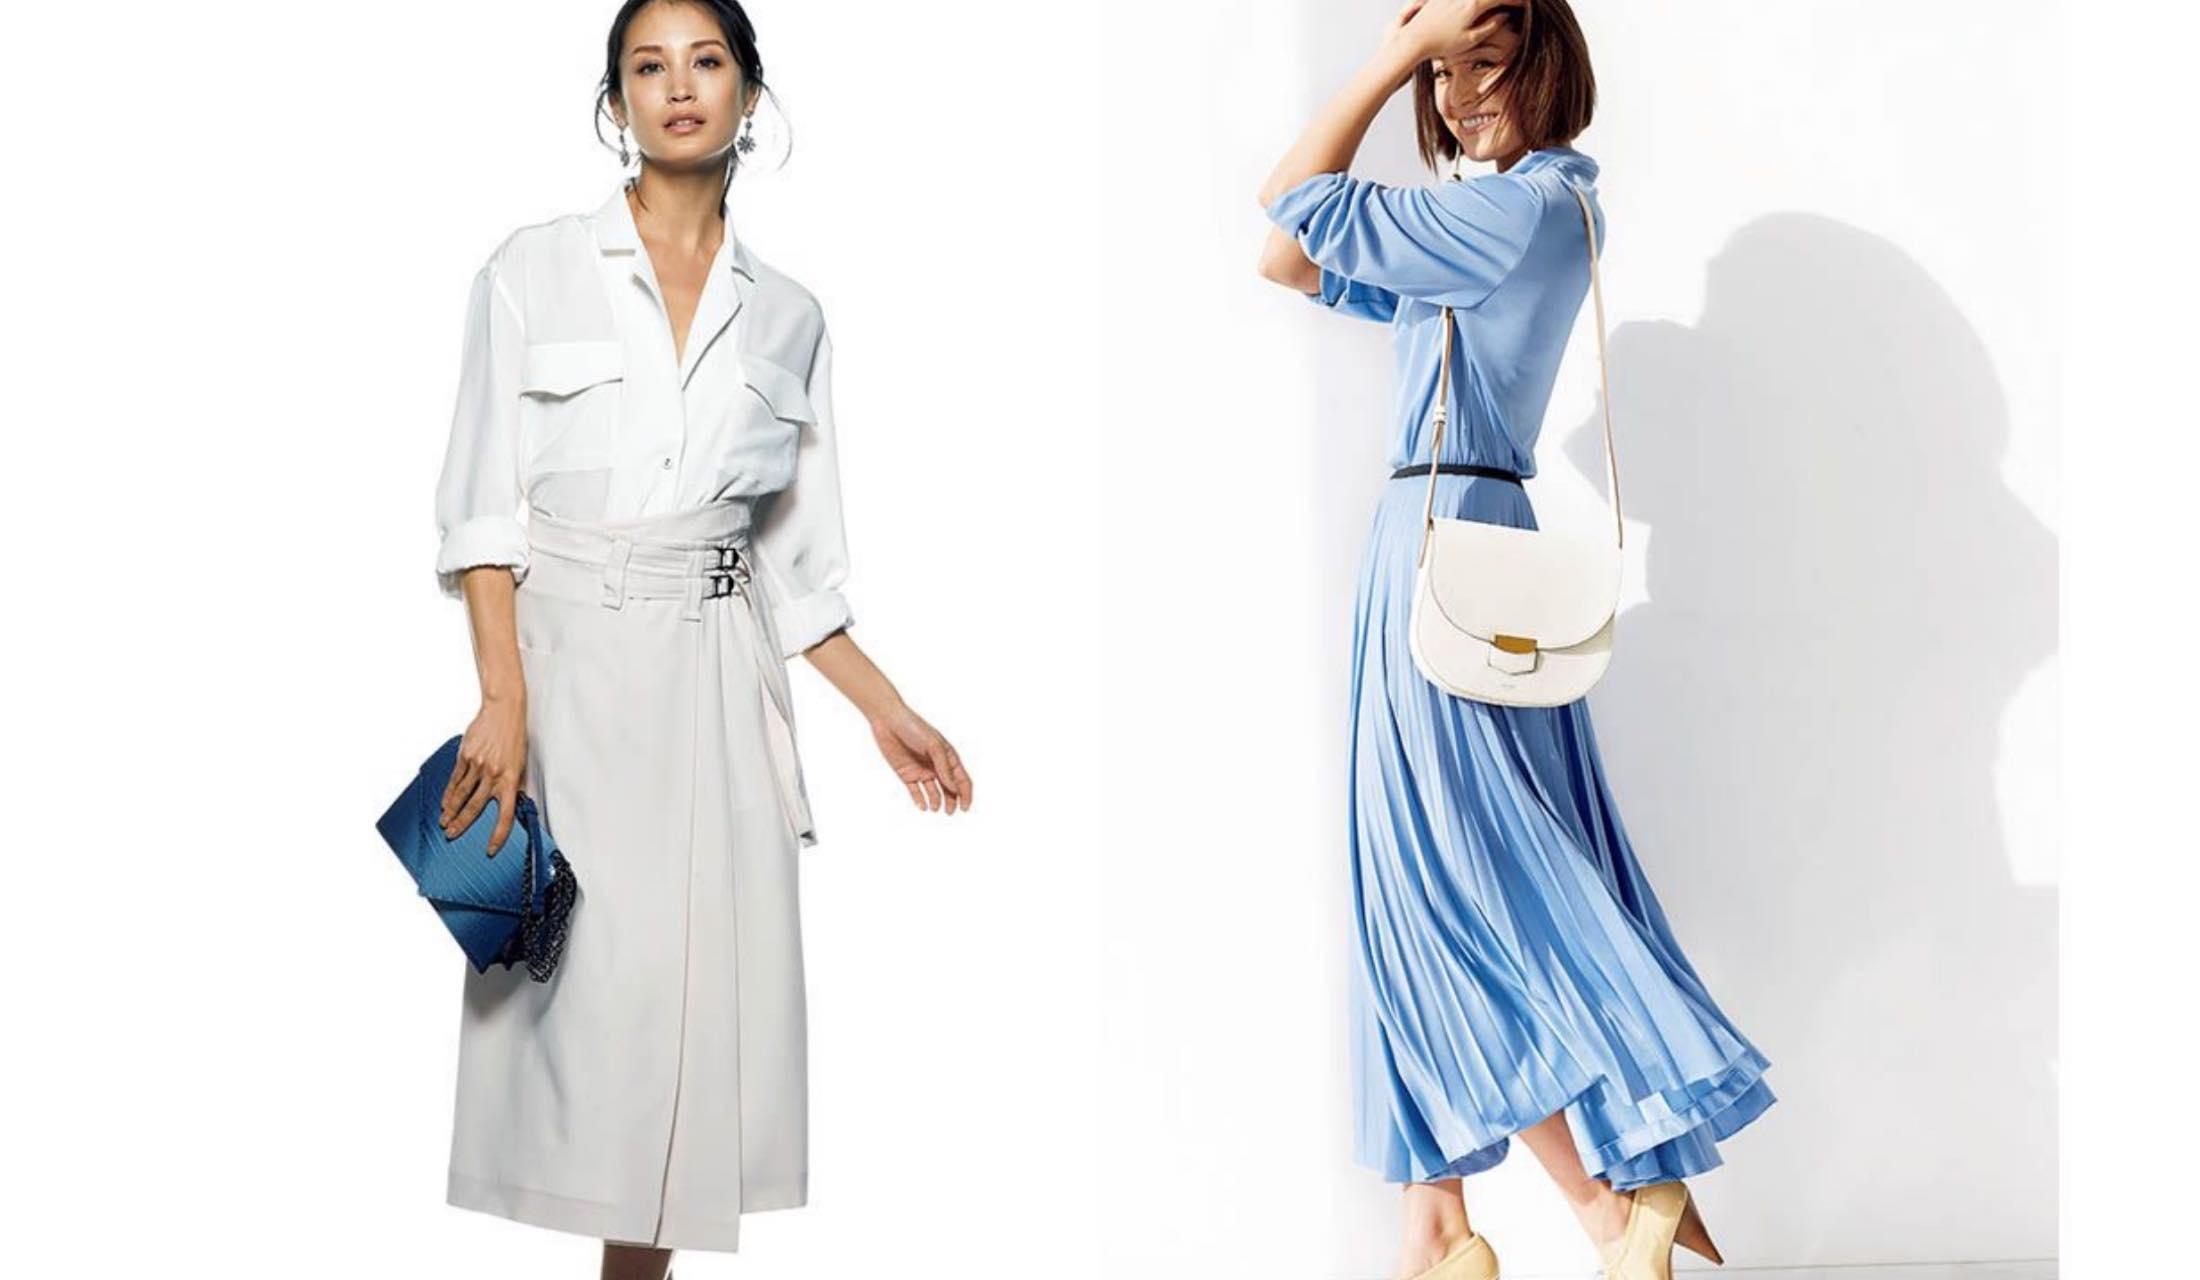 清潔感のある大人のレディースきれいめファッションブランドコーデ集